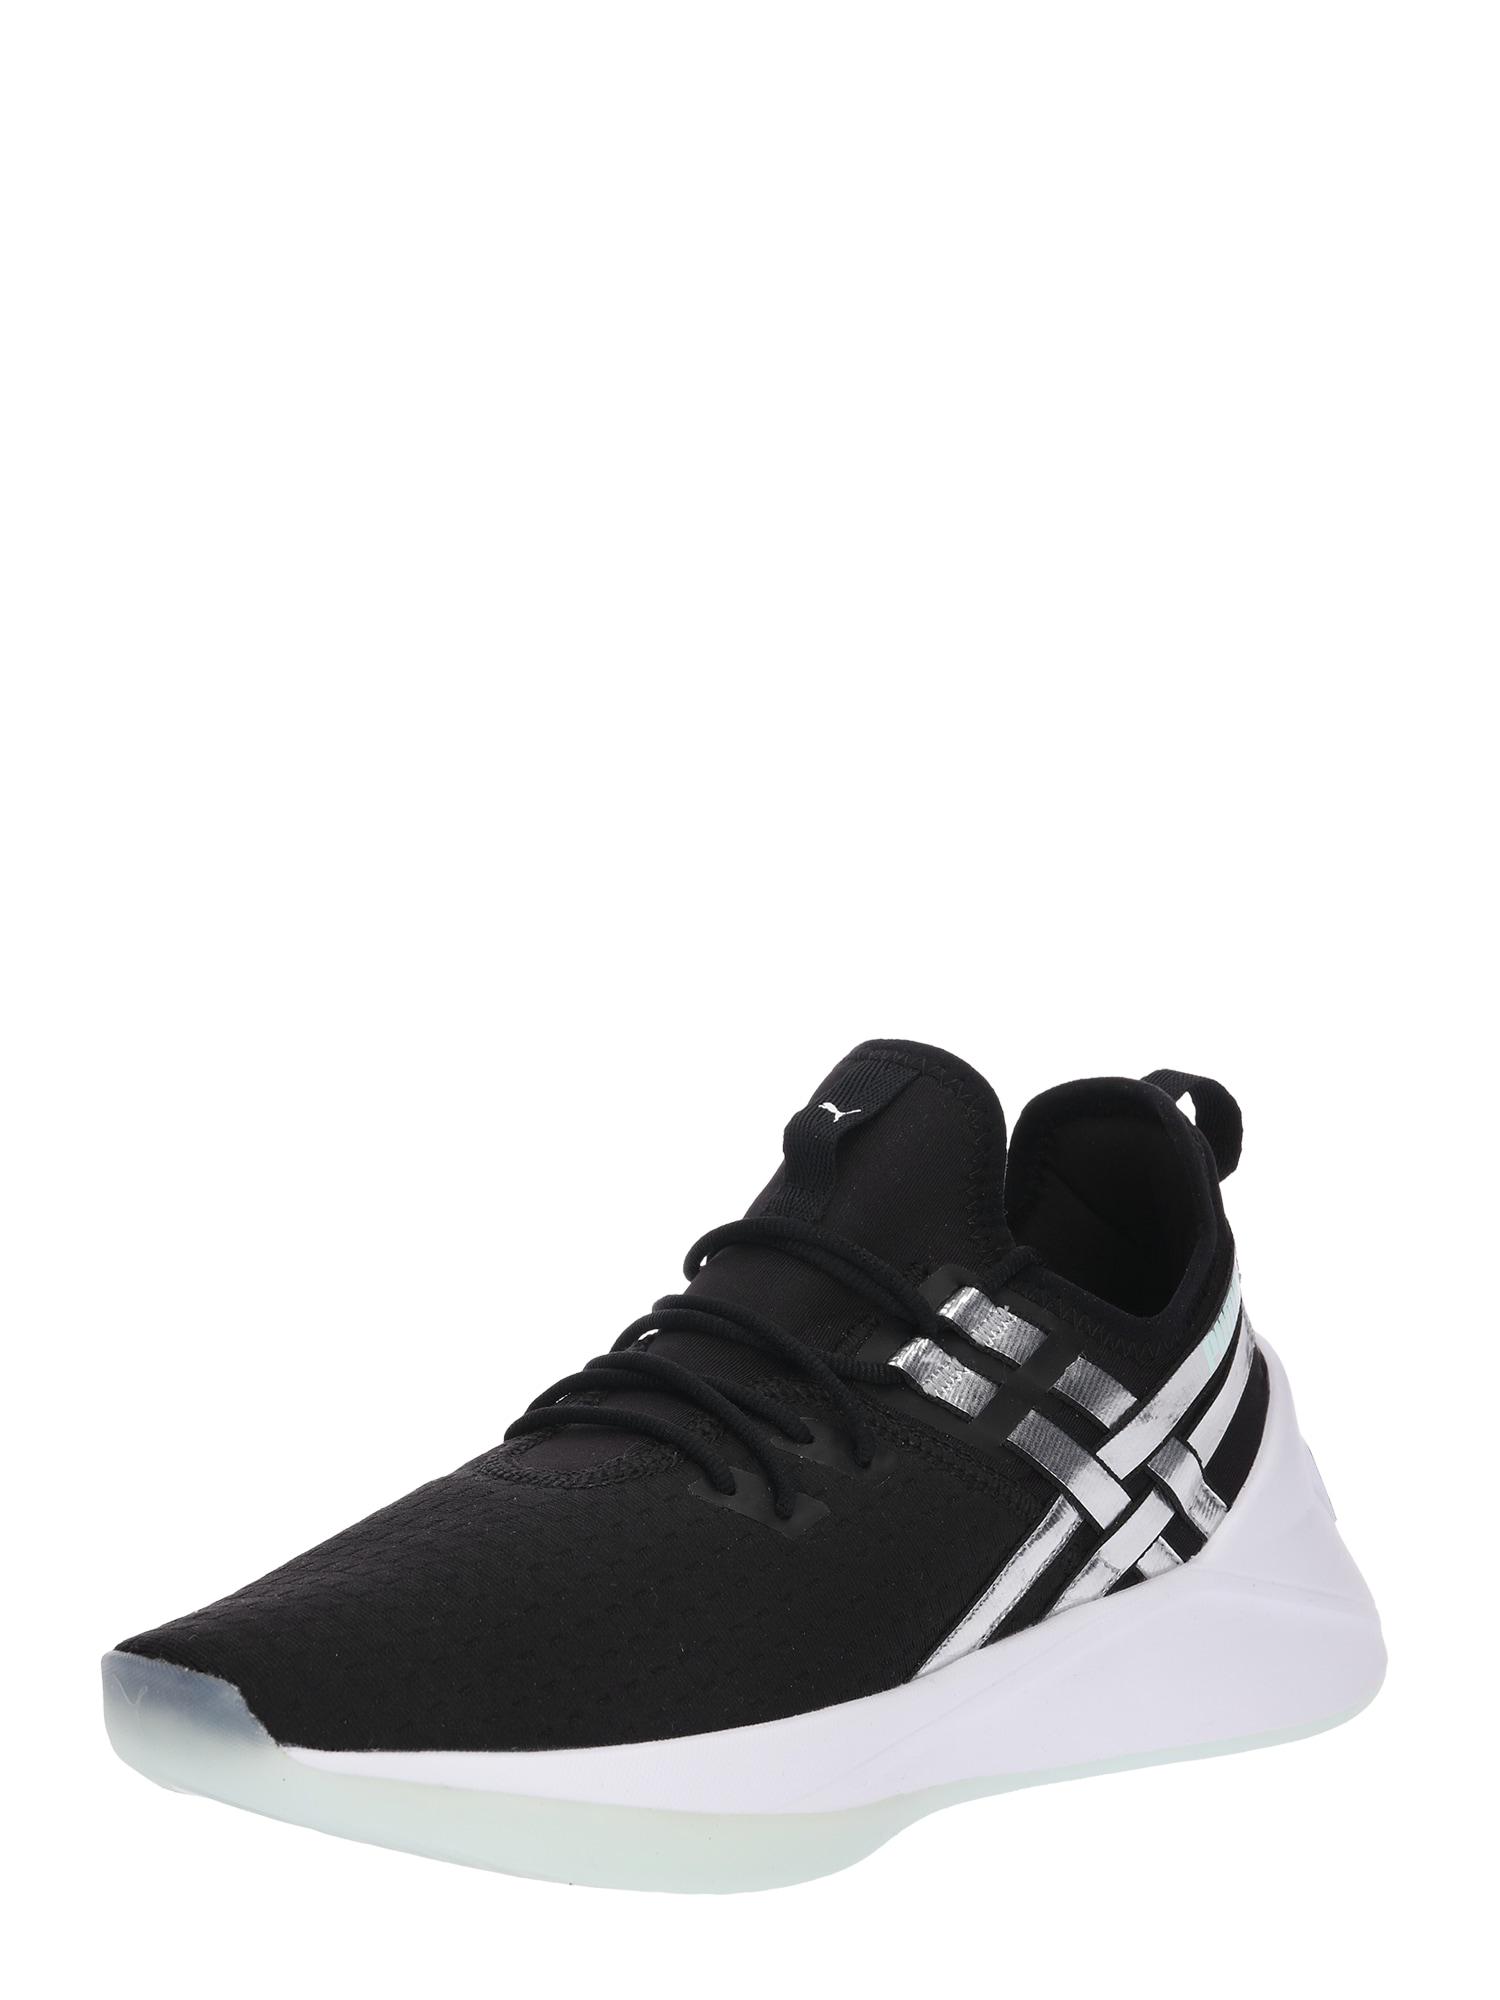 Sportovní boty Jaab XT TZ černá stříbrná PUMA